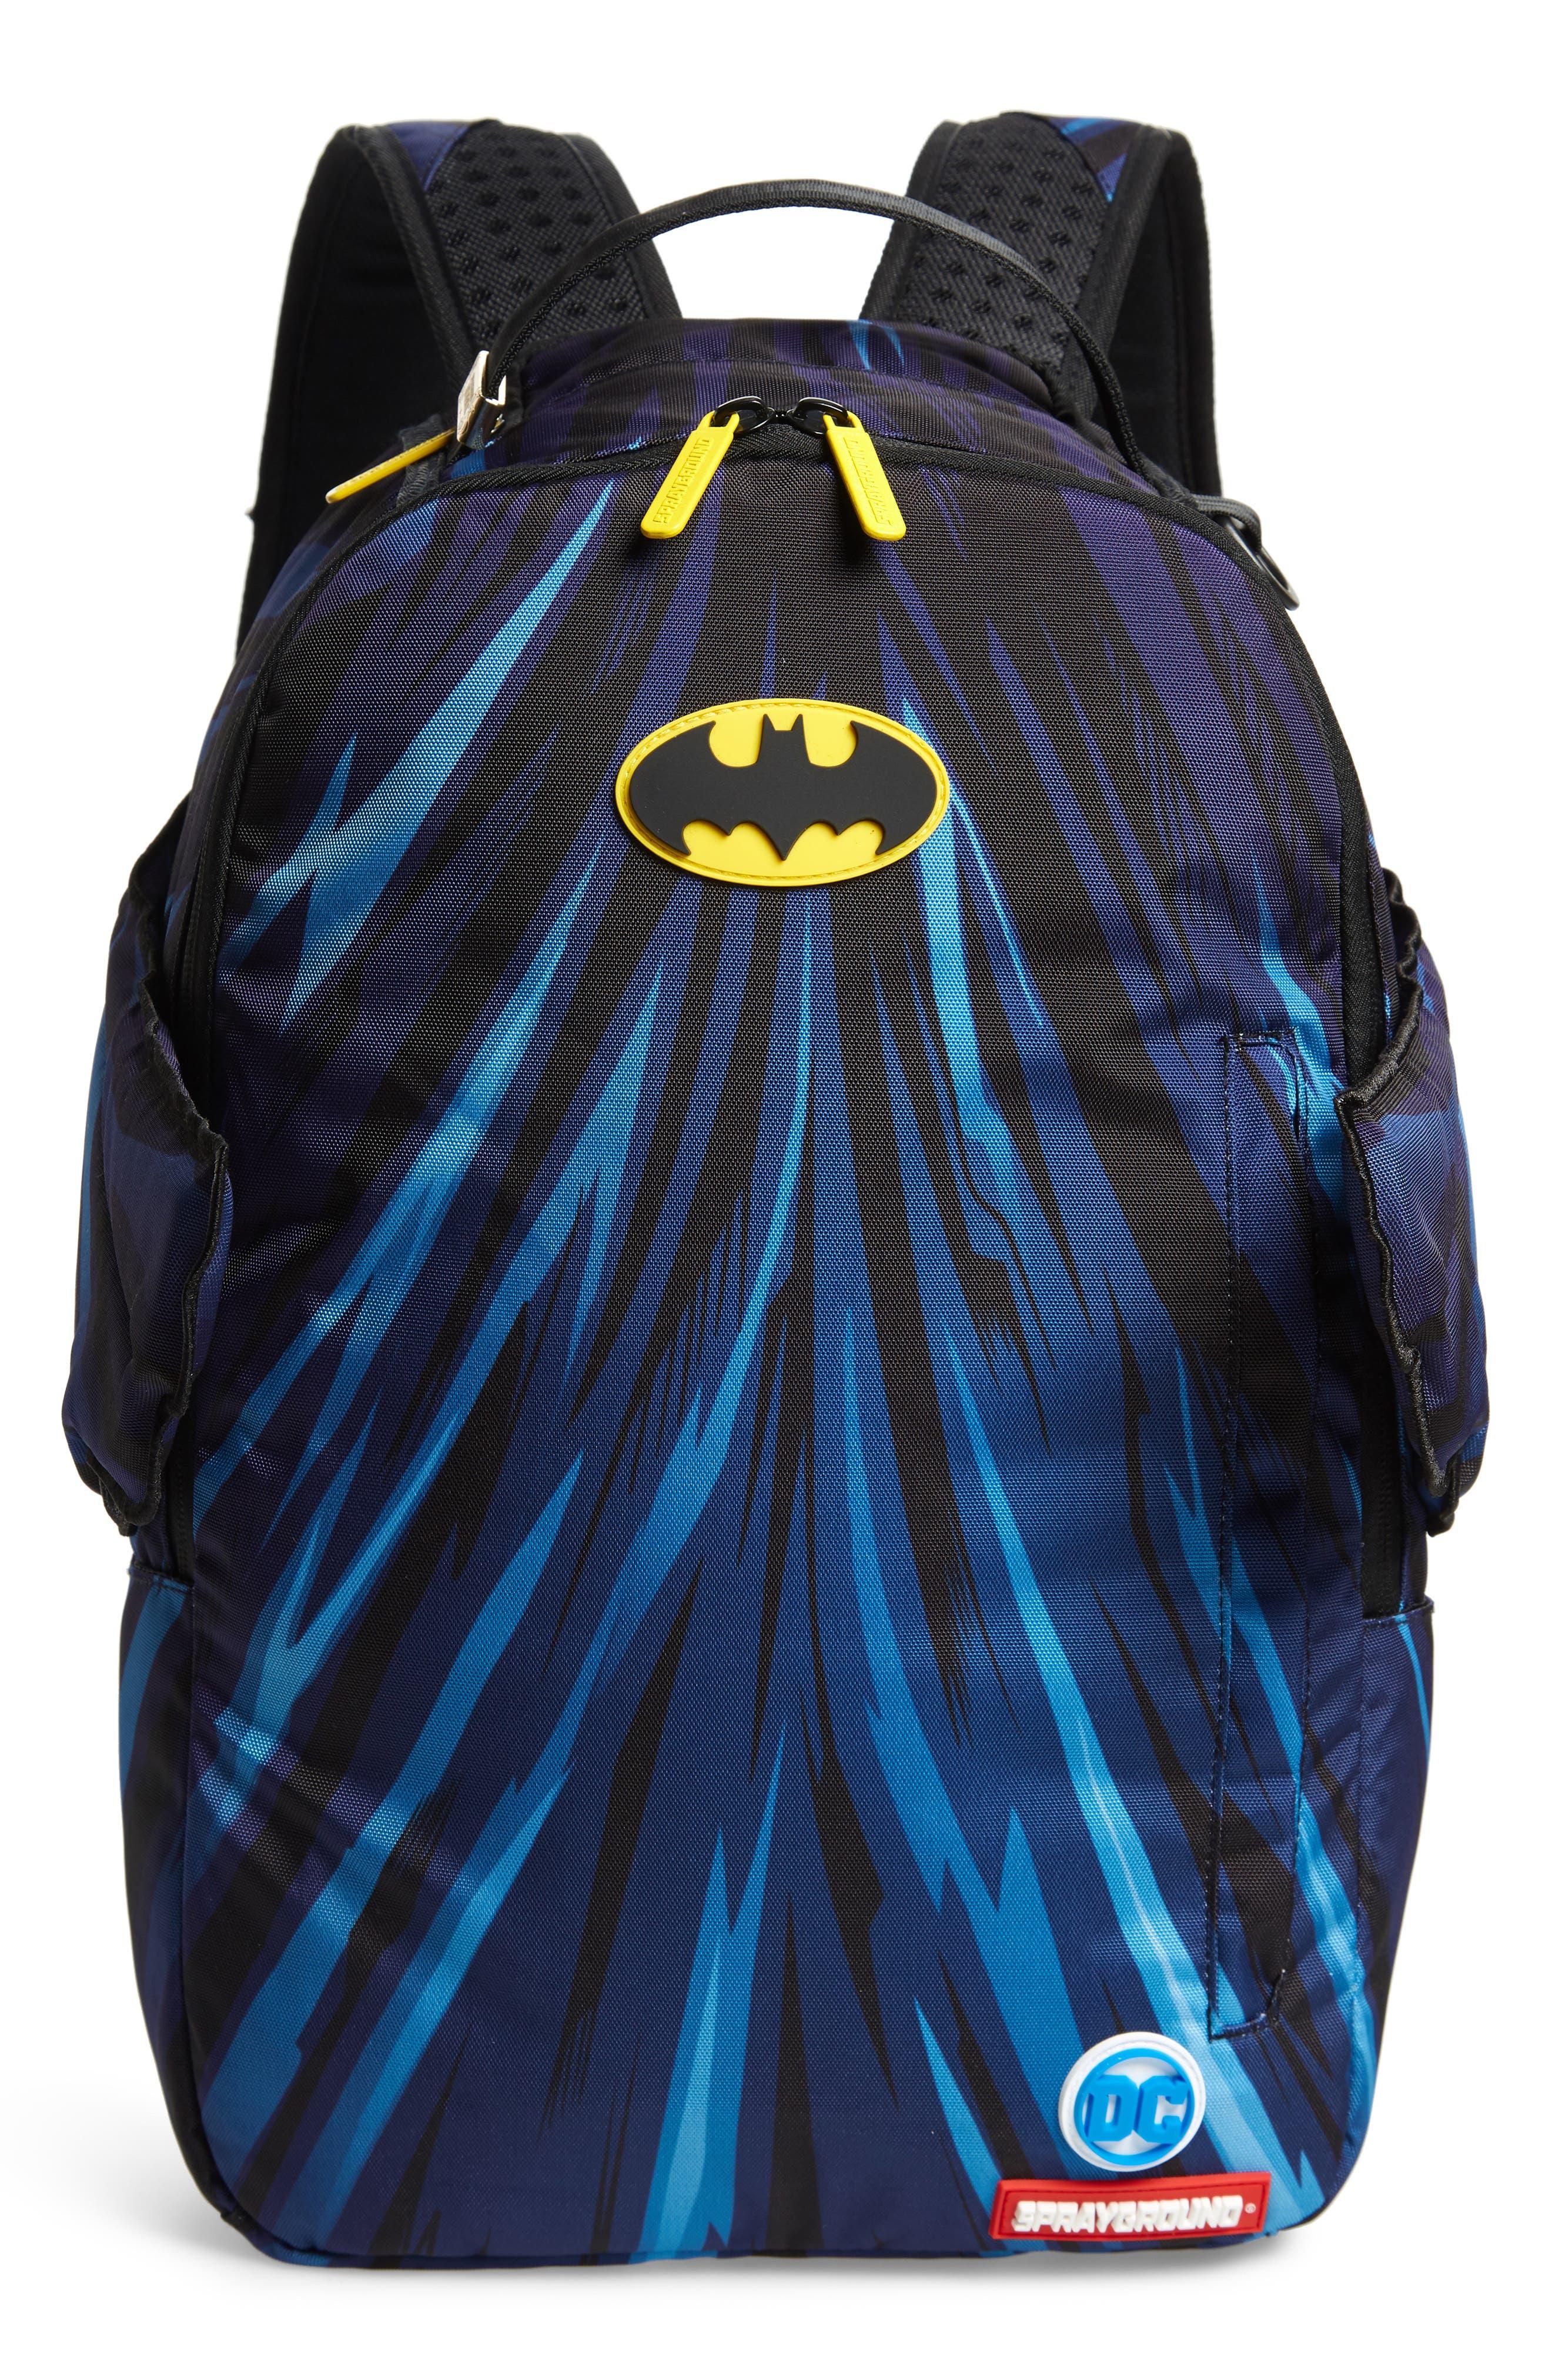 SPRAYGROUND Batman Cape Wings Backpack - Grey in Grey/ Black